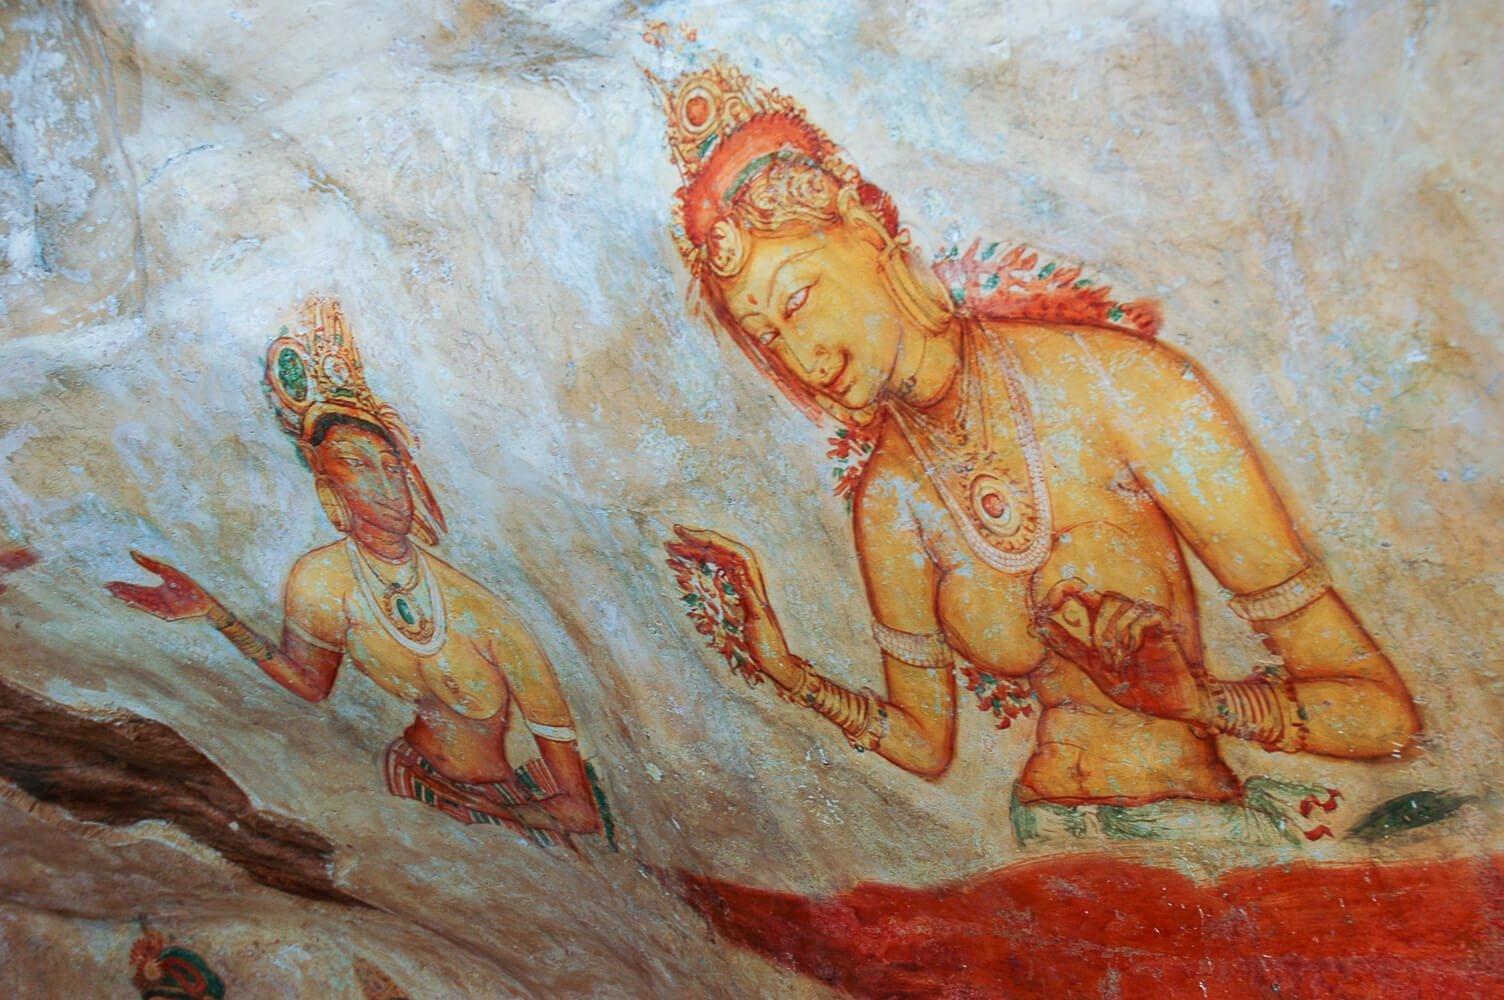 półnagie kobiety na starożytnych freskach w sigirya, na Sri Lance